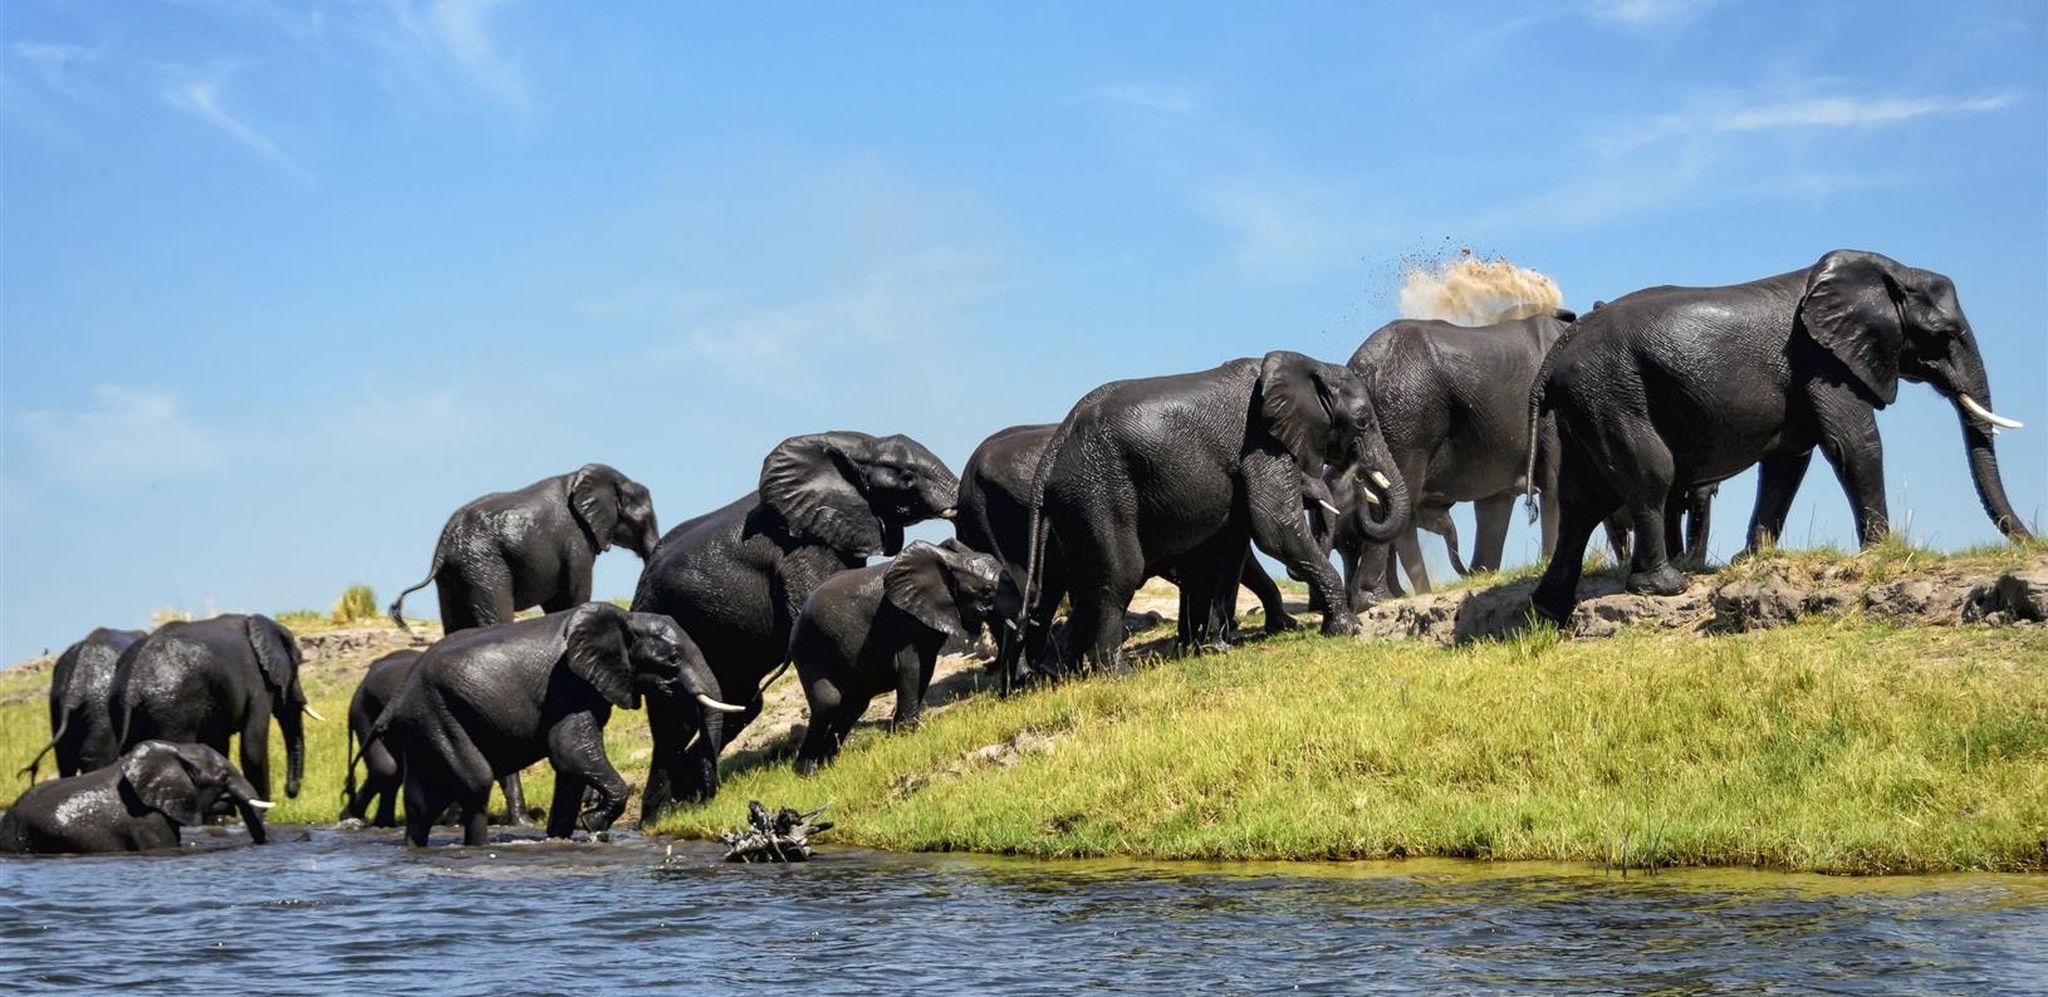 Manada de elefantes cruzando el río Chobe en Botsuana